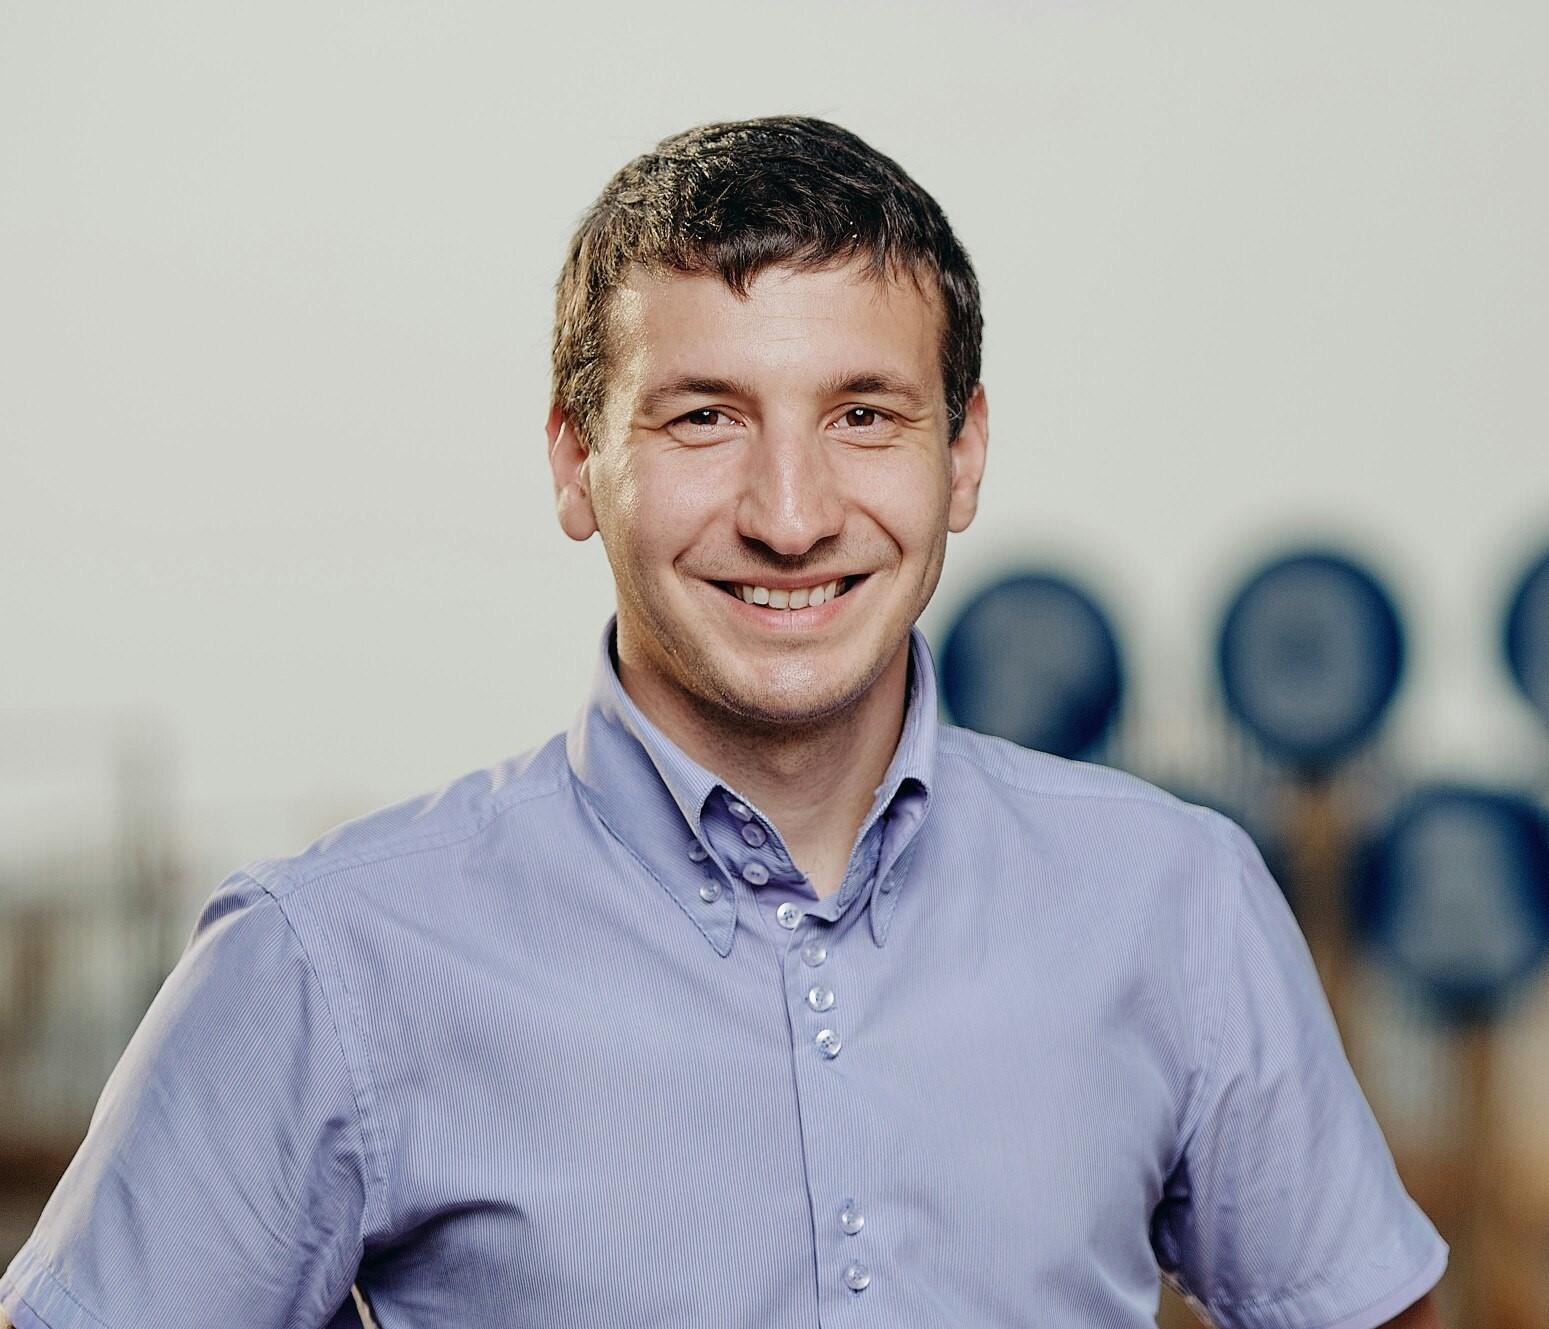 Олег Цапко: Мы планируем масштабировать проекты Всероссийского студенческого союза на пространстве СНГ